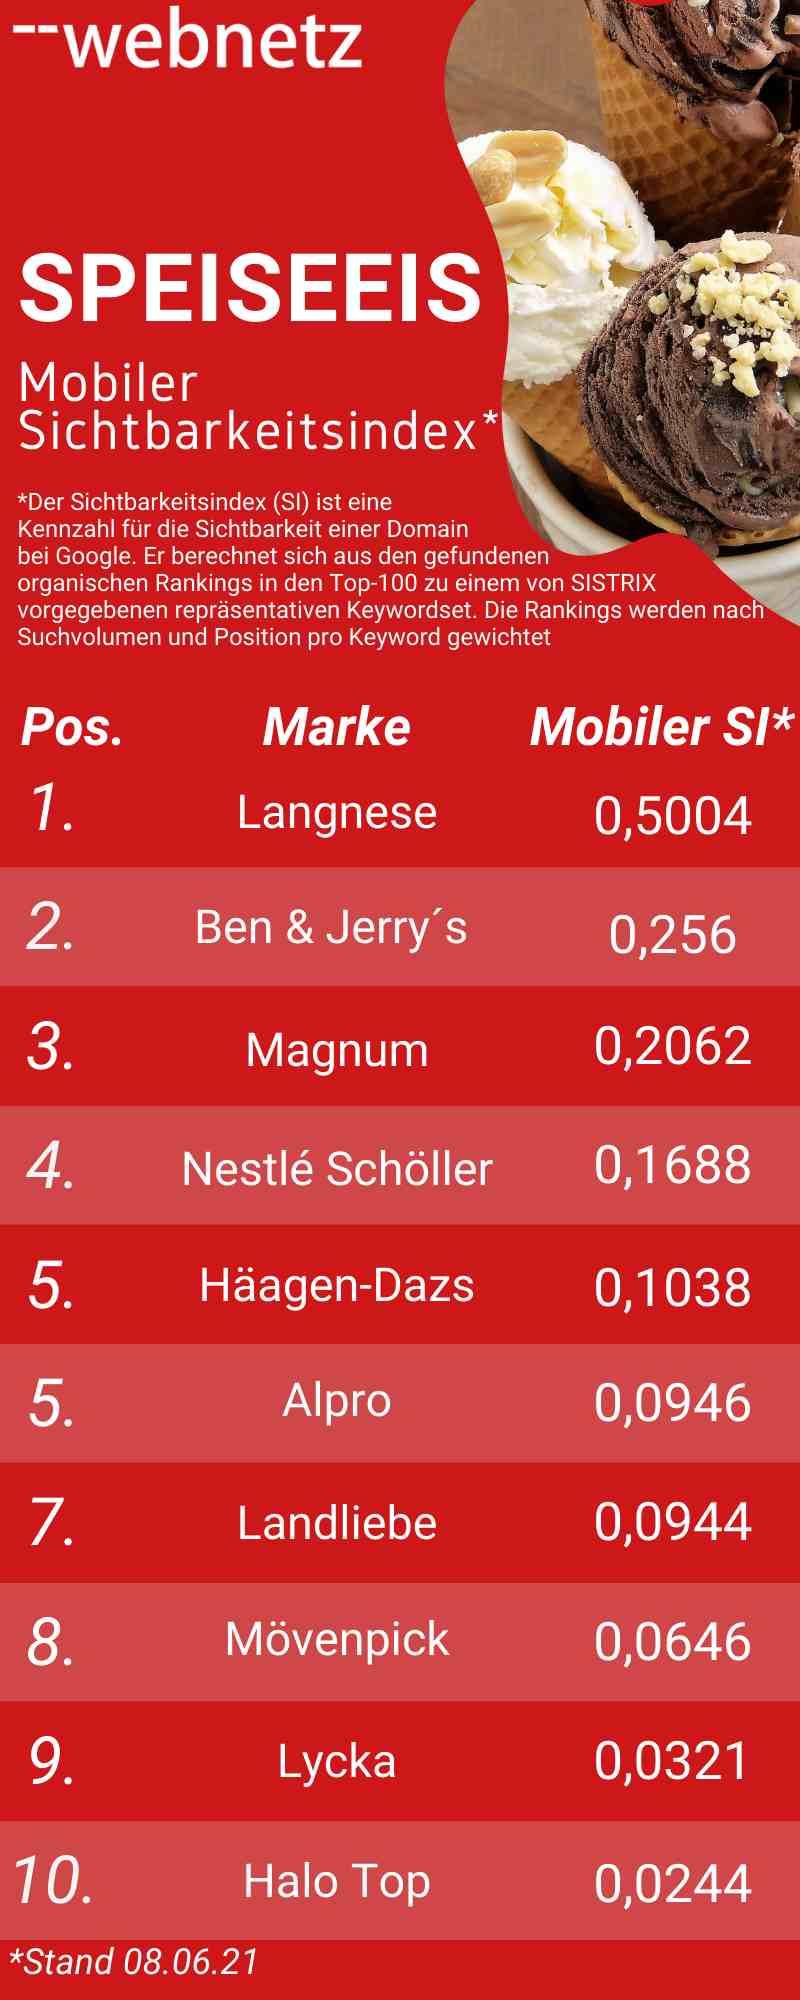 Ranking mobiler Sichtbarkeitsindex